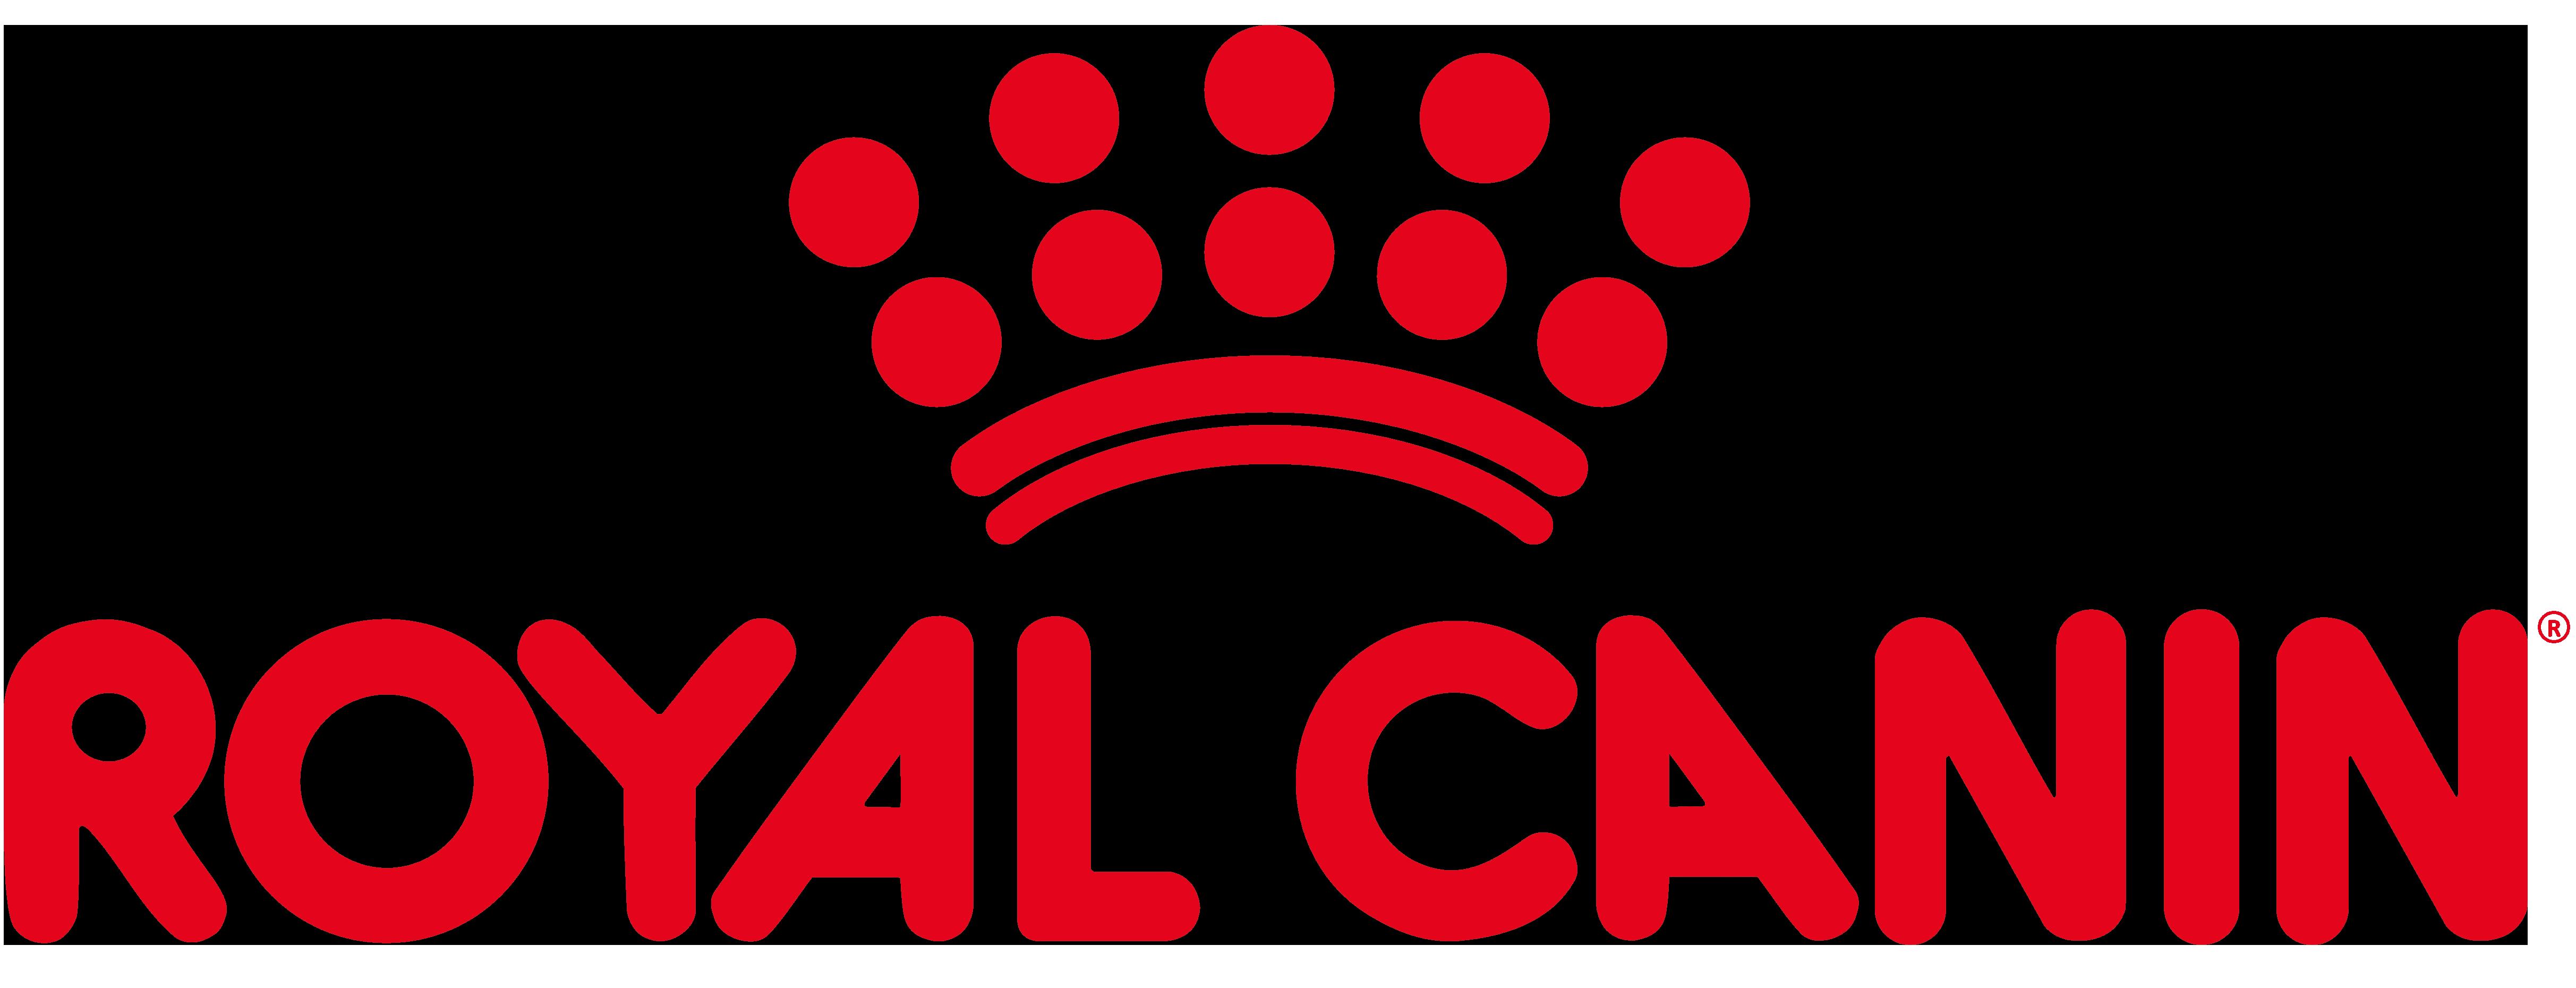 Royal Auto Group >> Royal Canin – Logos Download